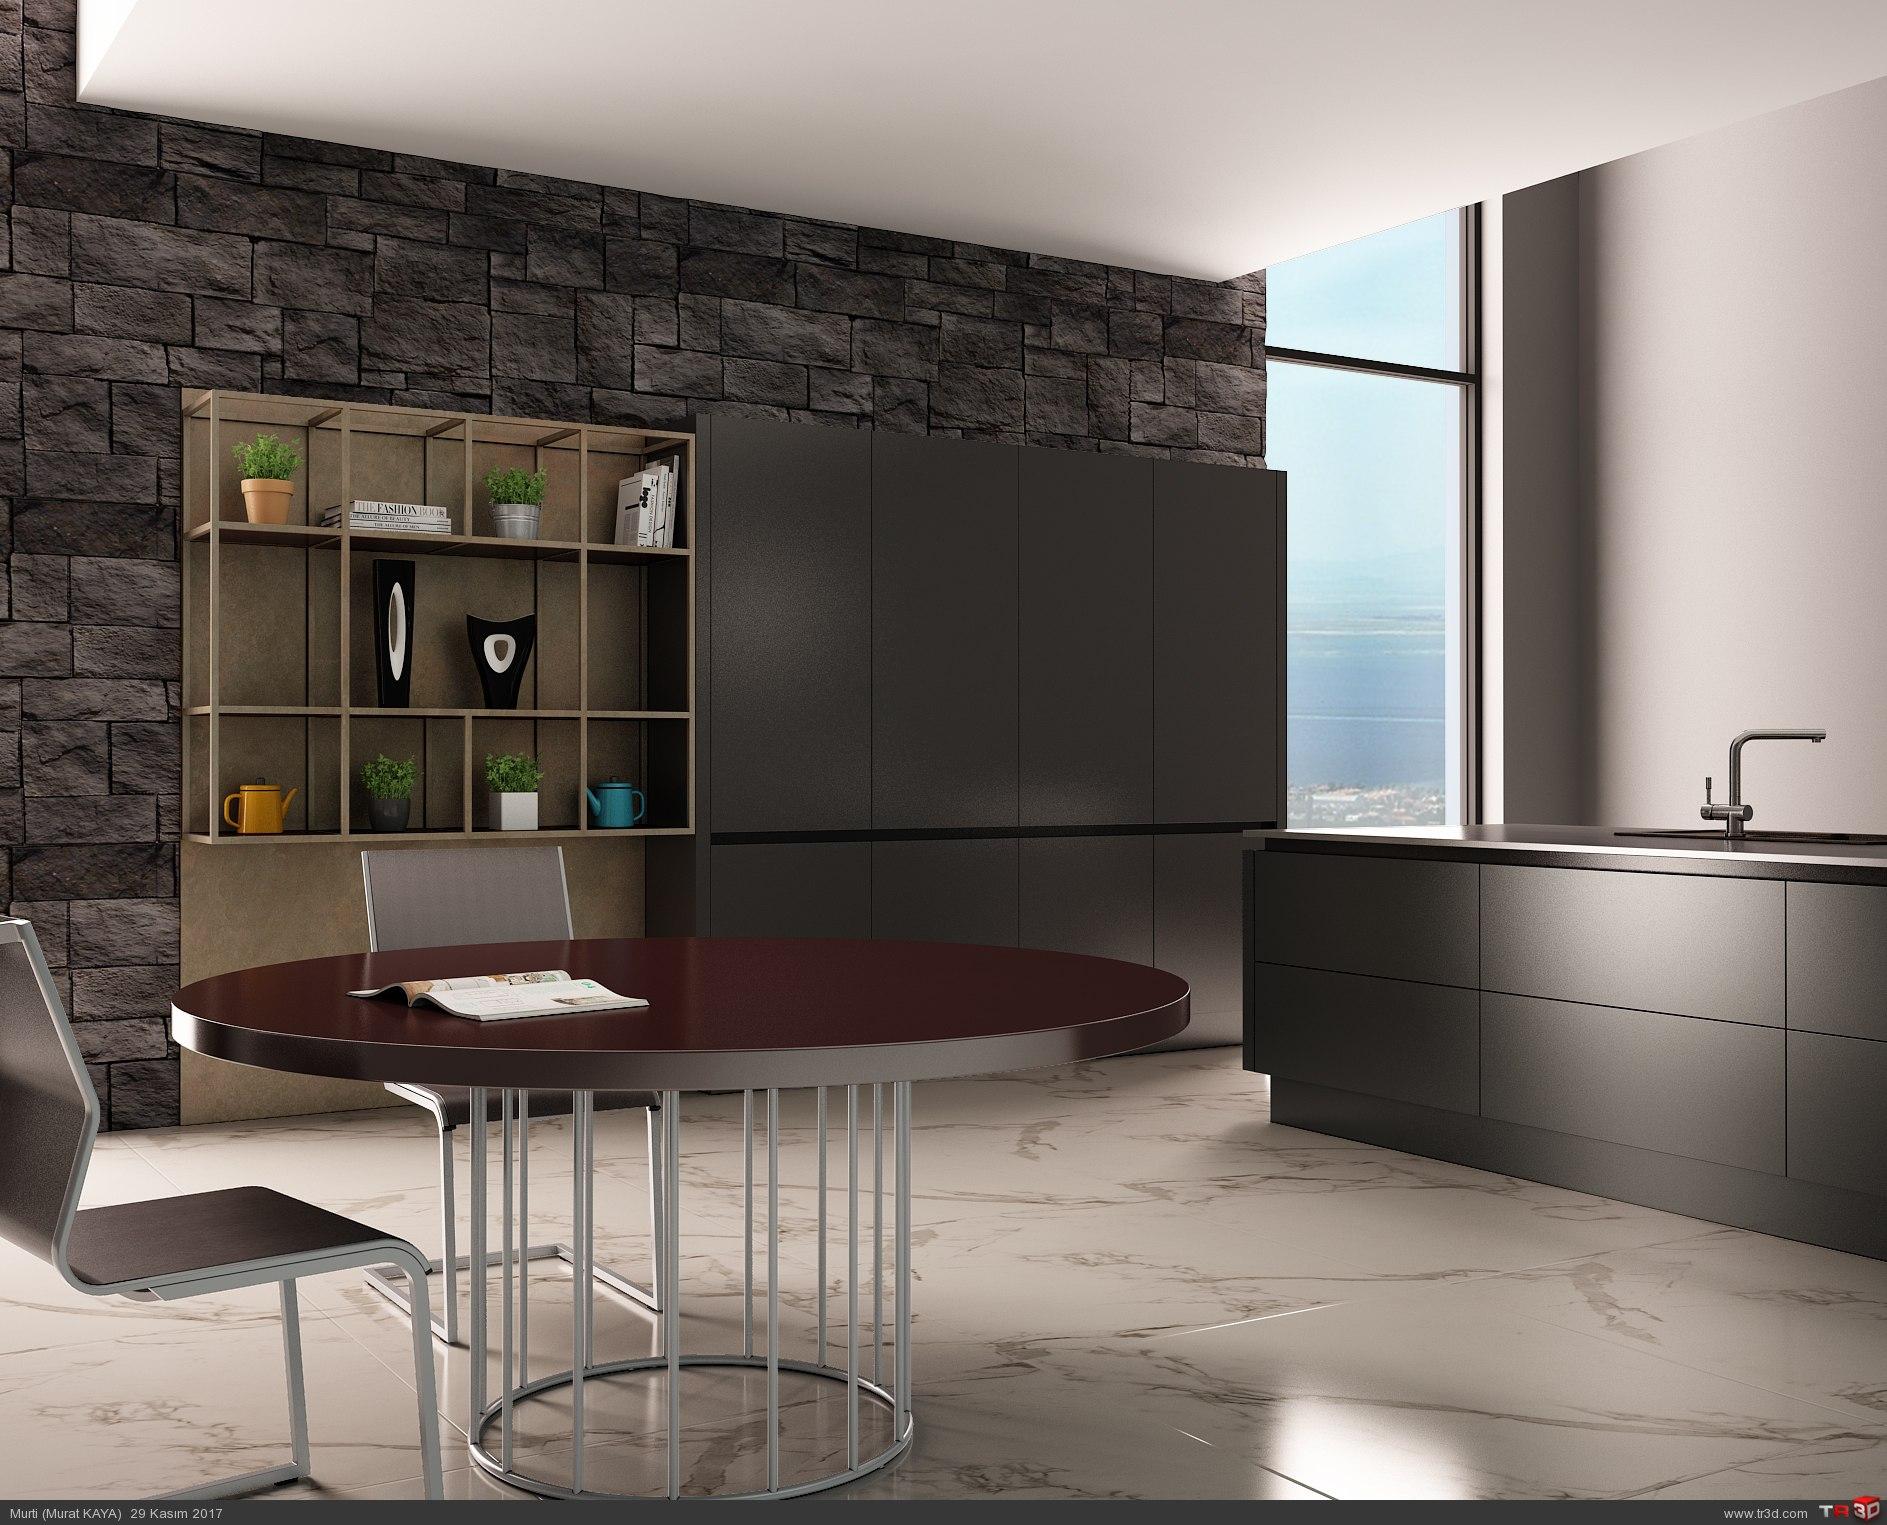 Siyah Mutfak 2